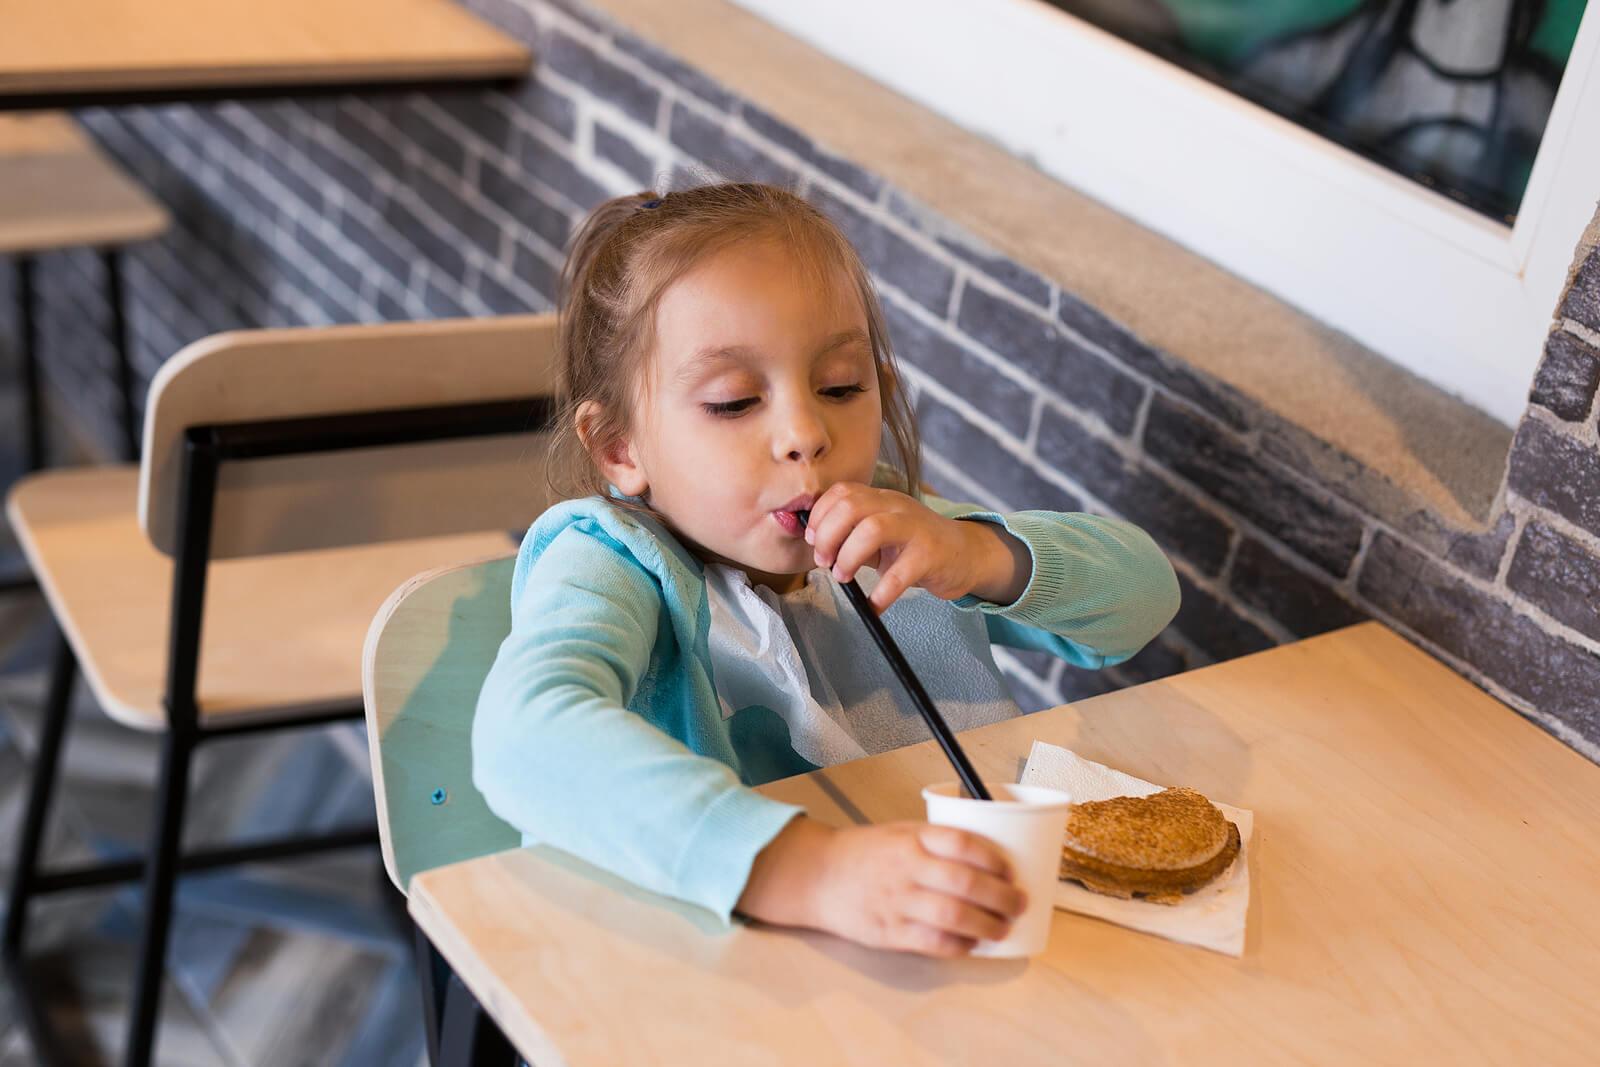 Niña merendando chocolate sin saber el riesgo de comer entre horas en niños.